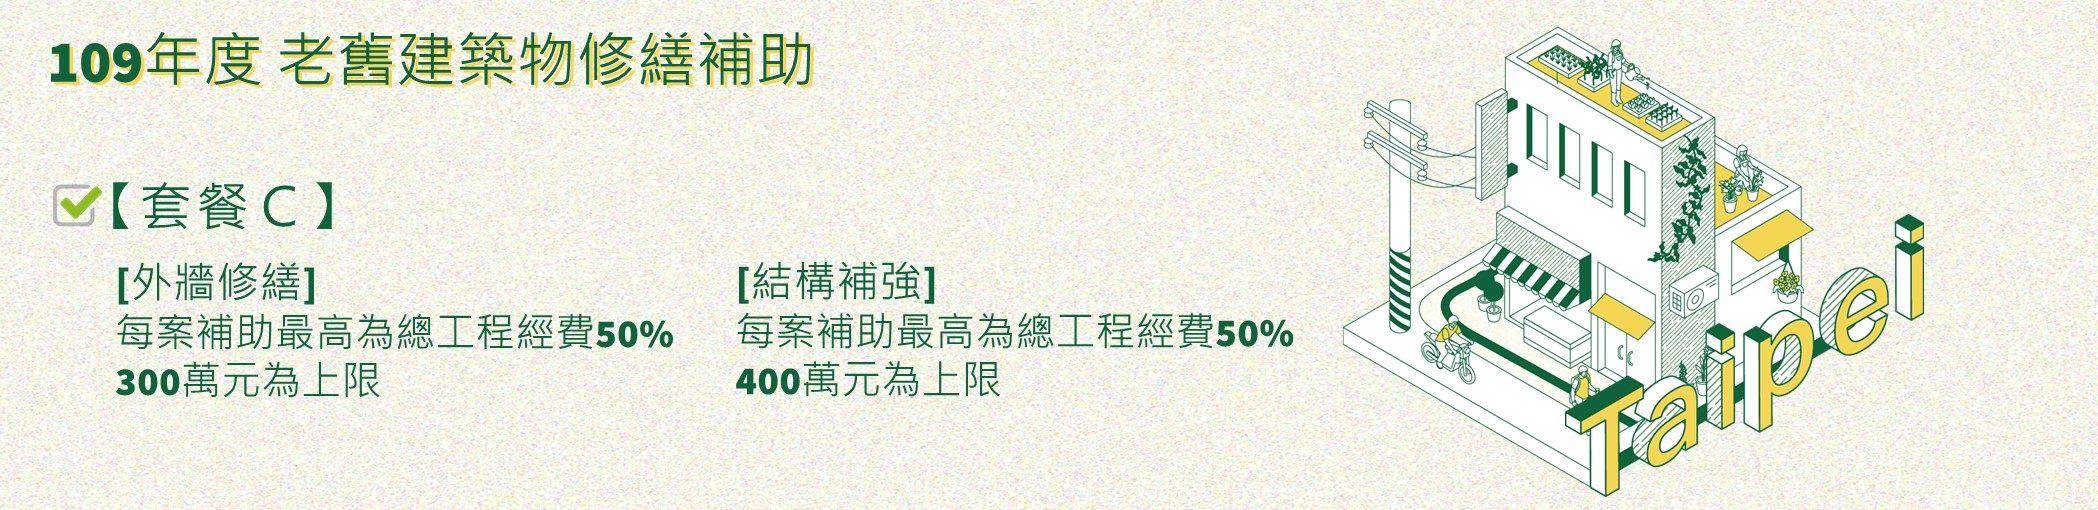 109年度臺北市協助老舊建築物修繕補助申請專區